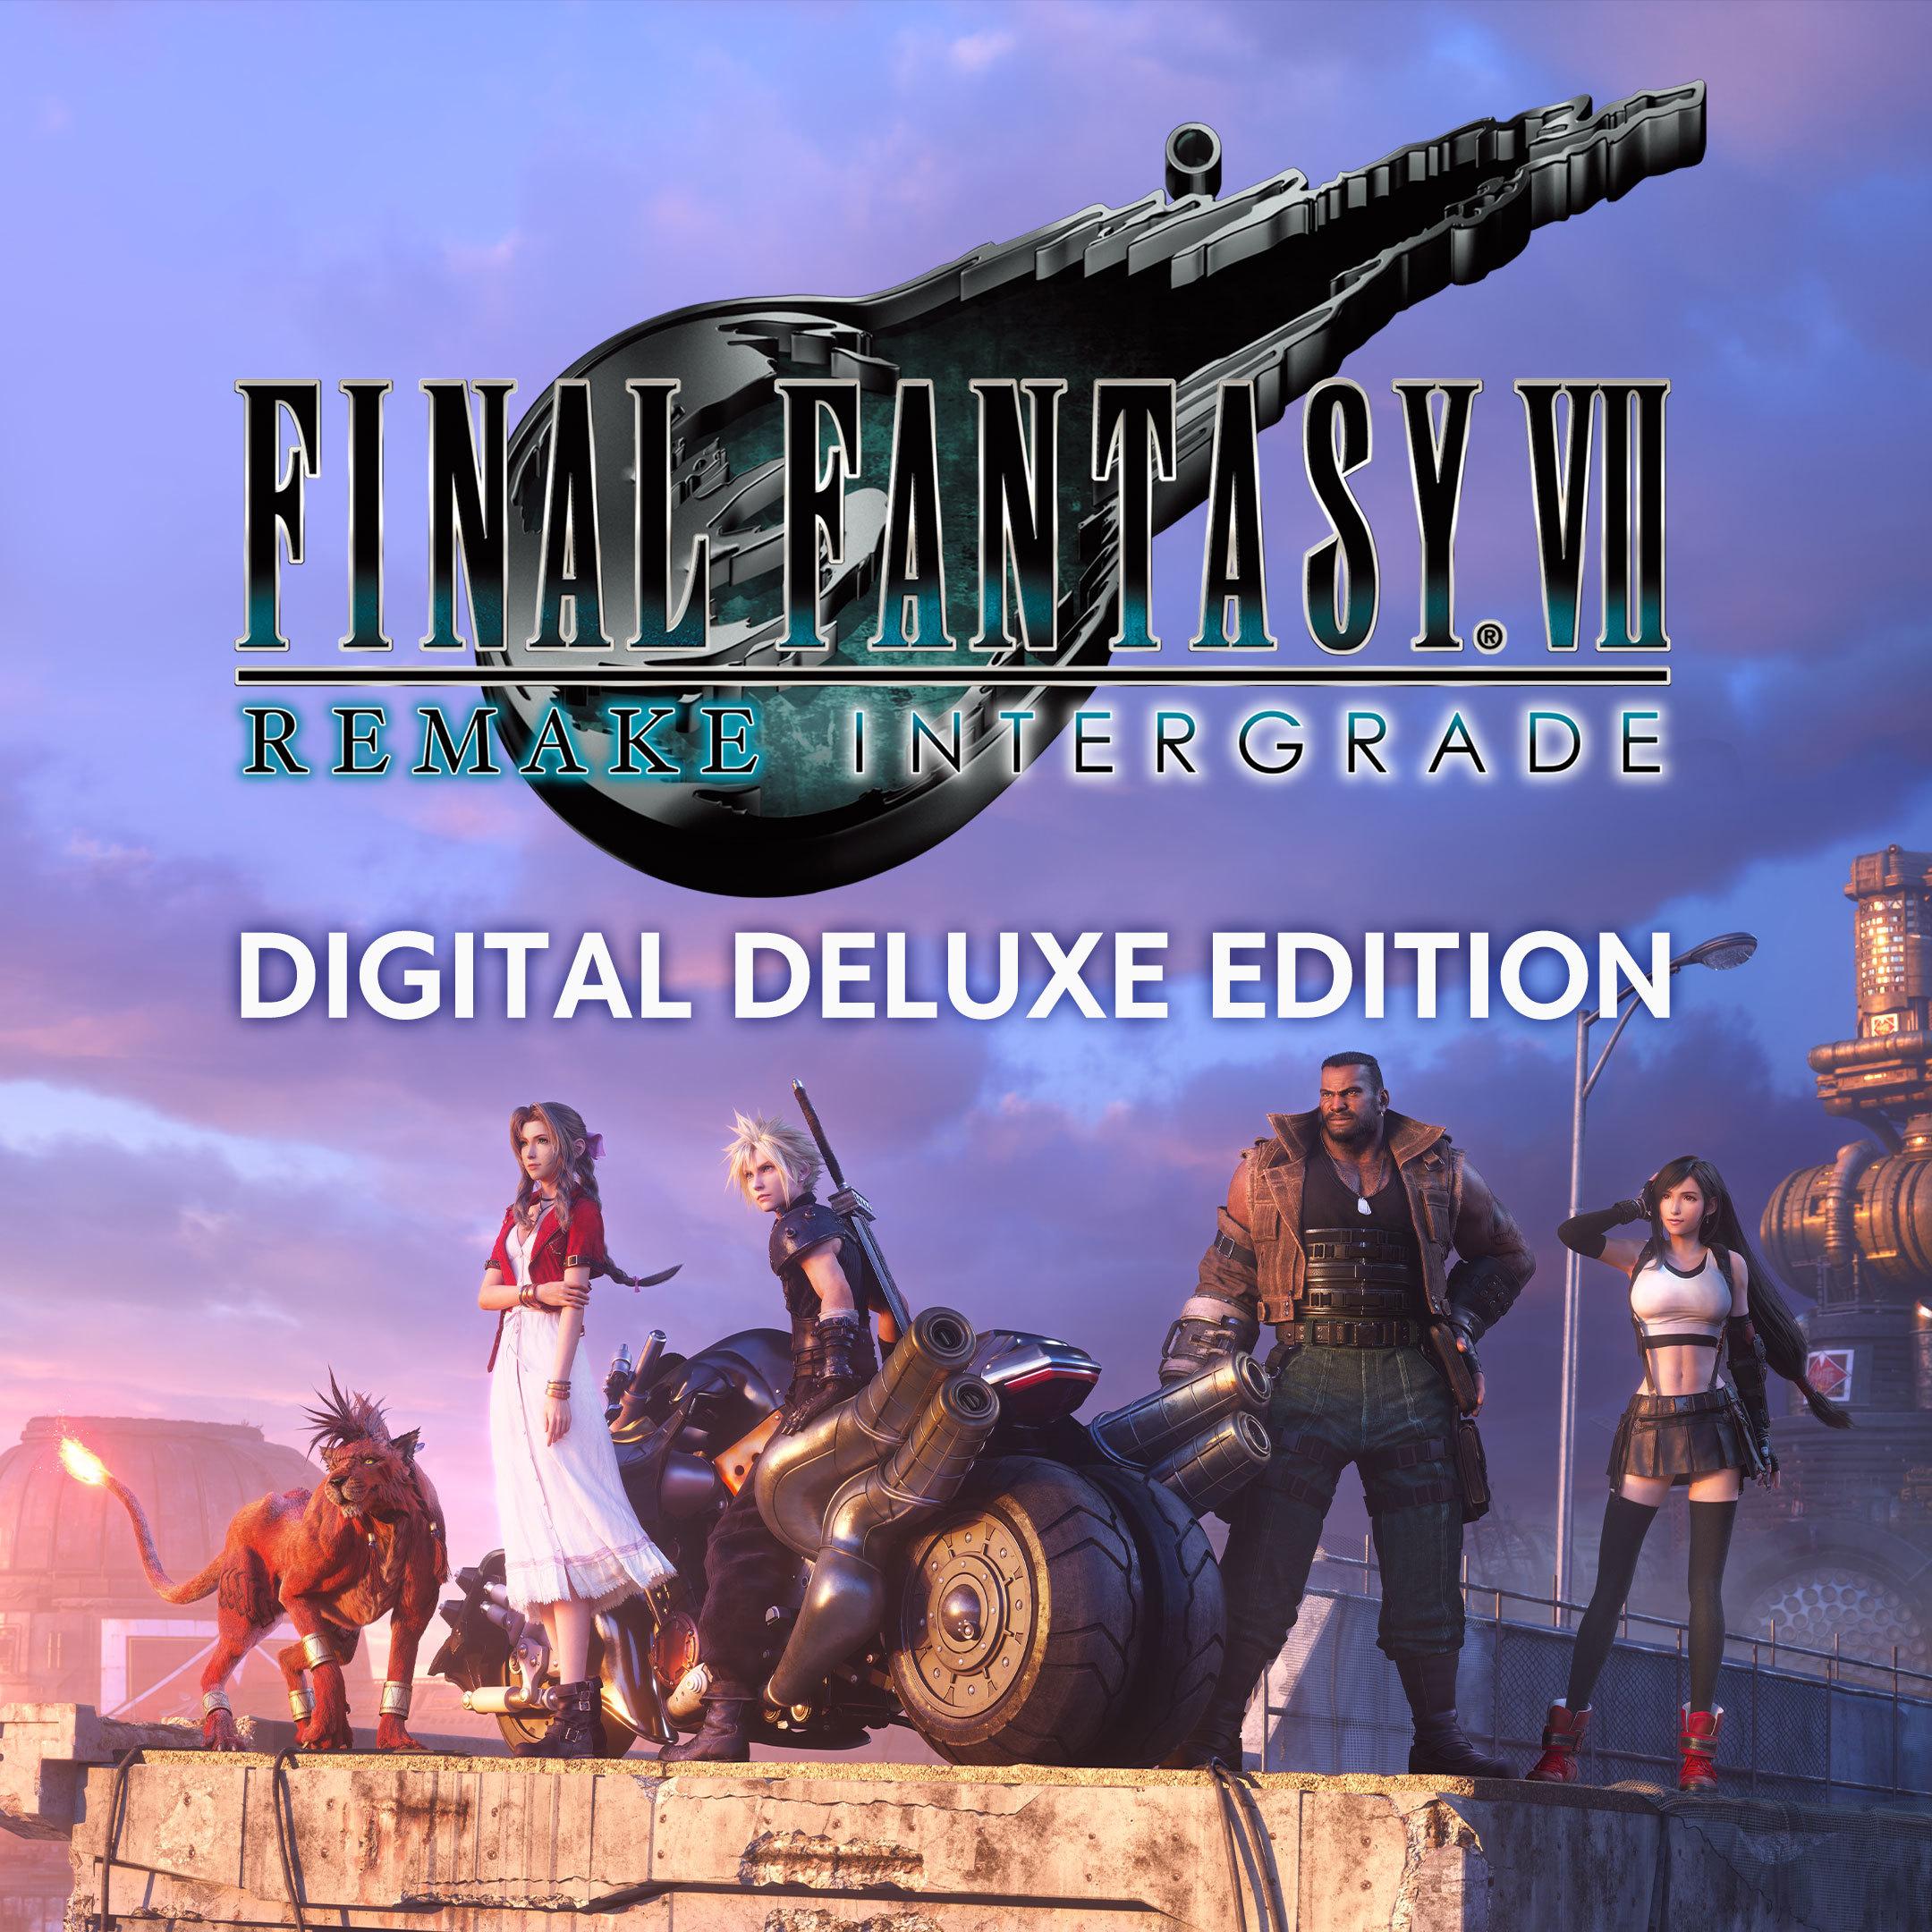 『FINAL FANTASY VII REMAKE INTERGRADE』Digital Deluxe Edition(ダウンロード版)